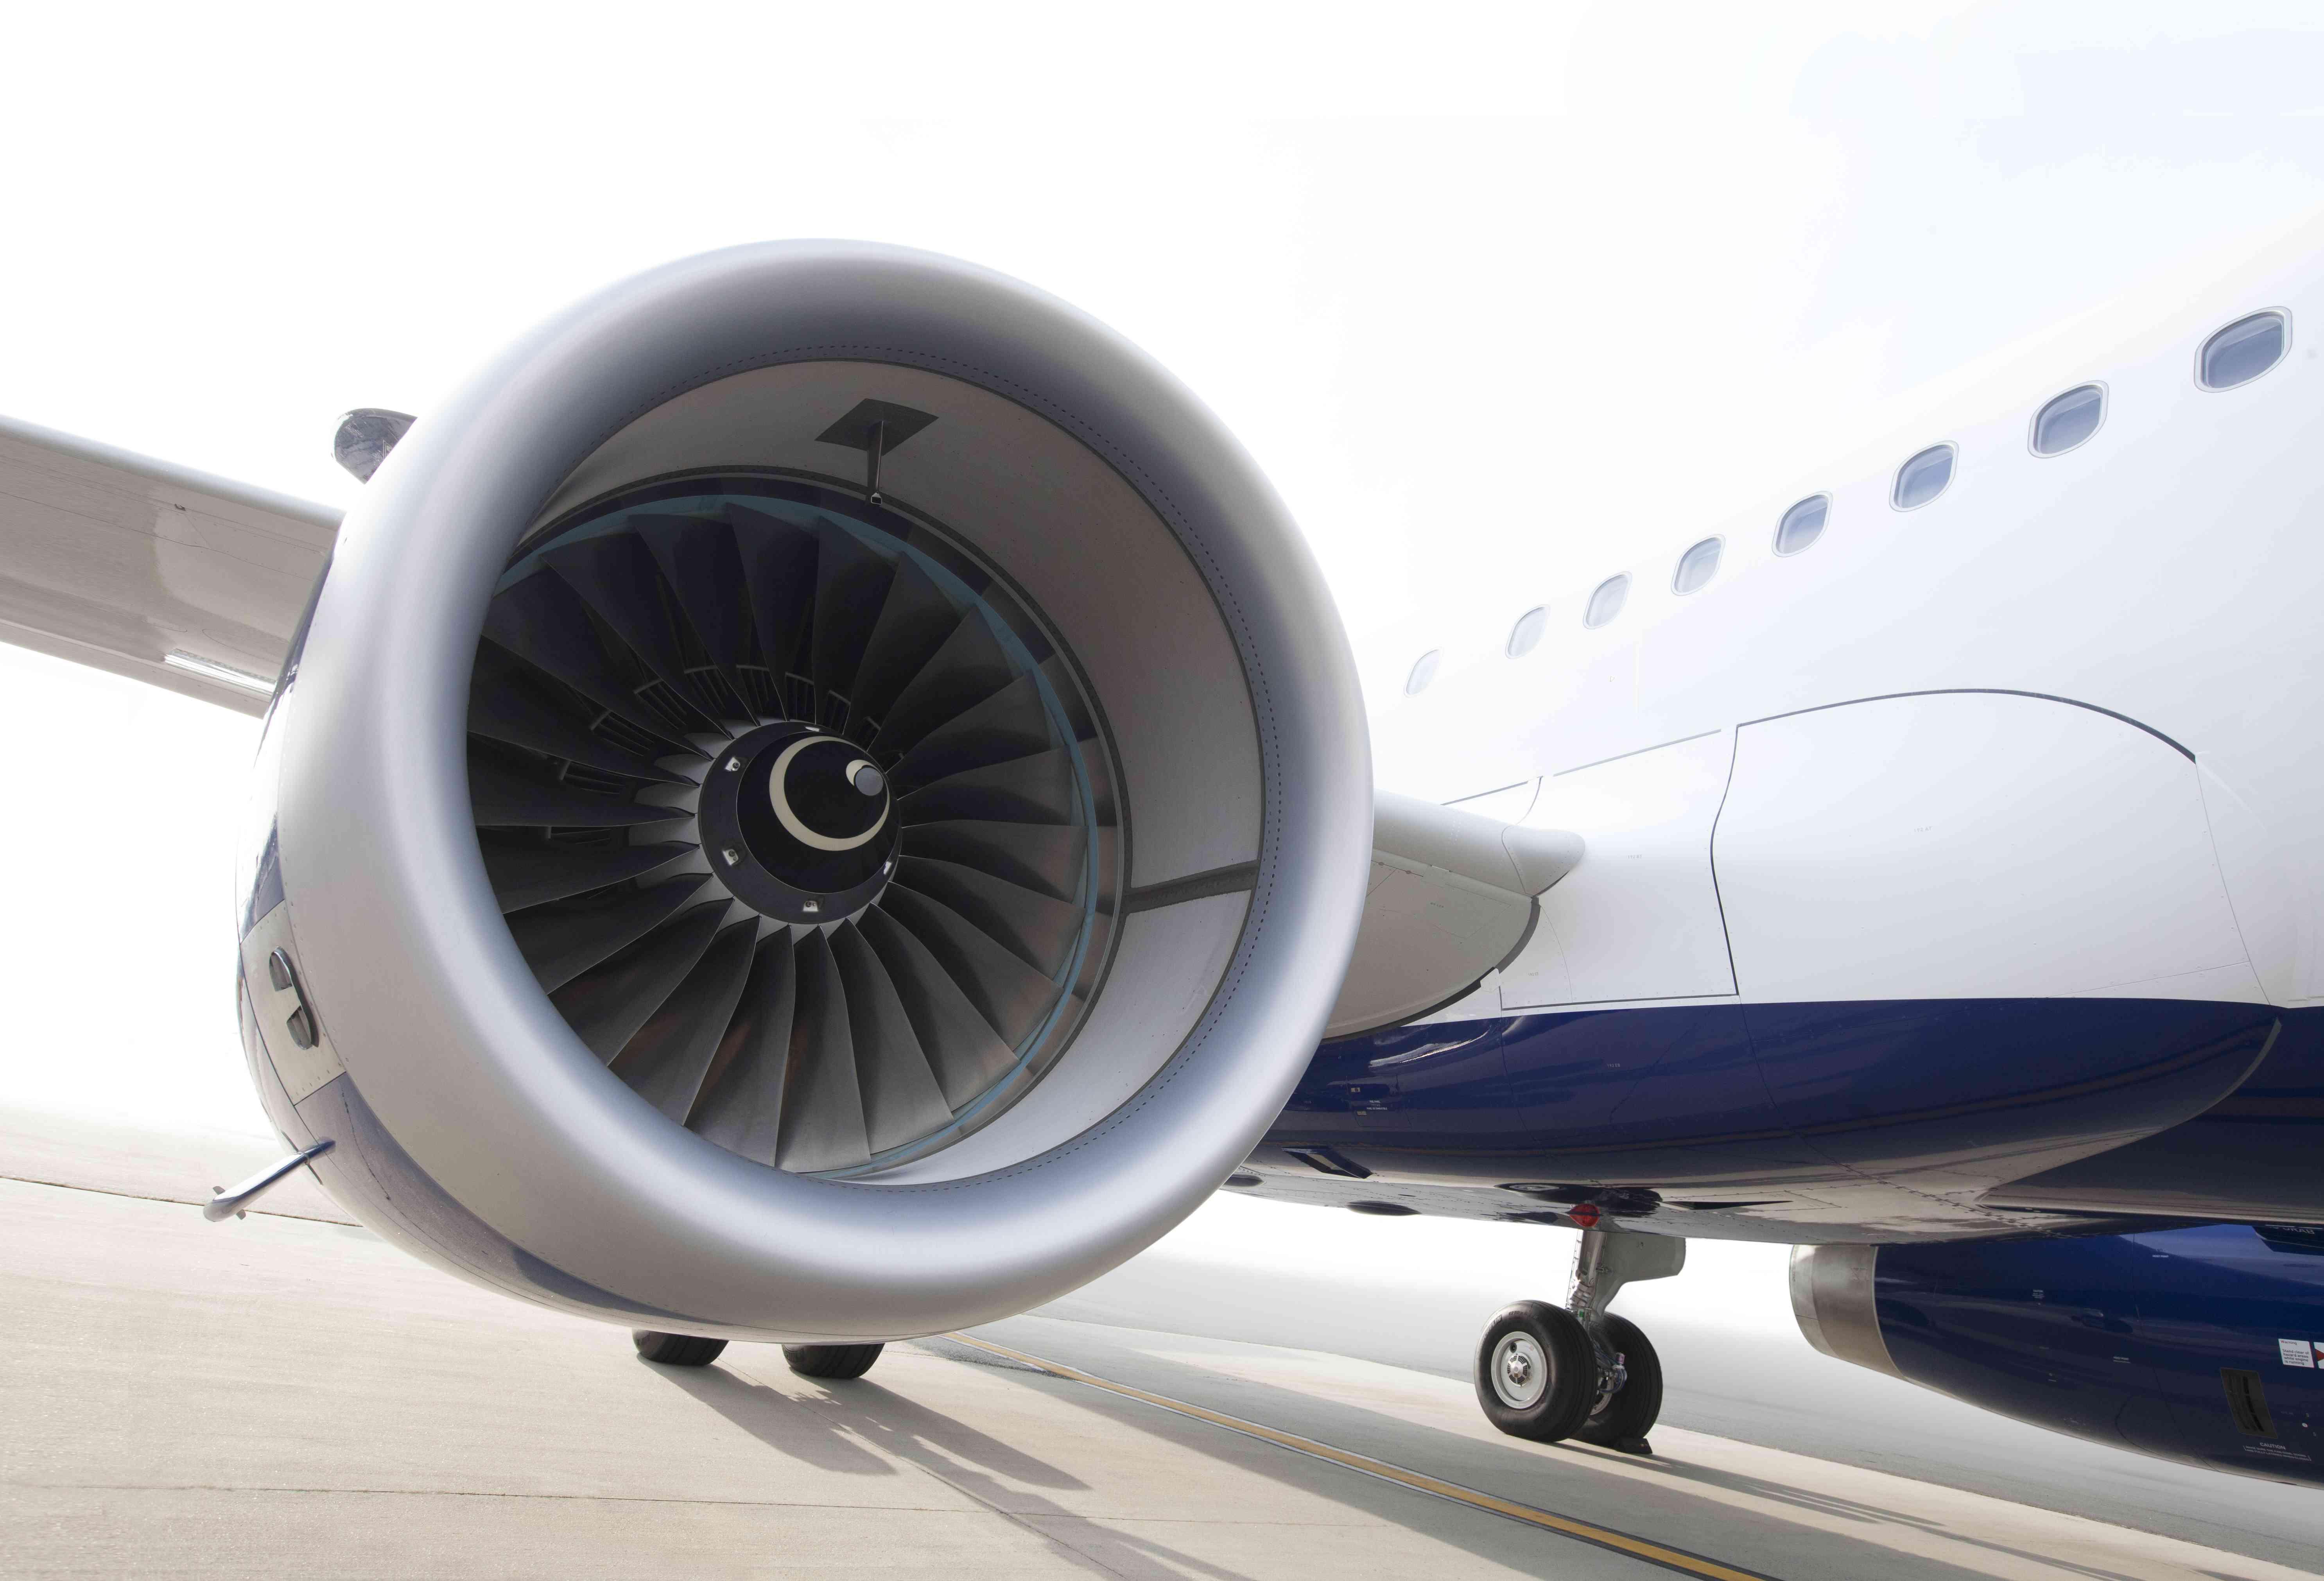 An engine on a JetBlue Plane